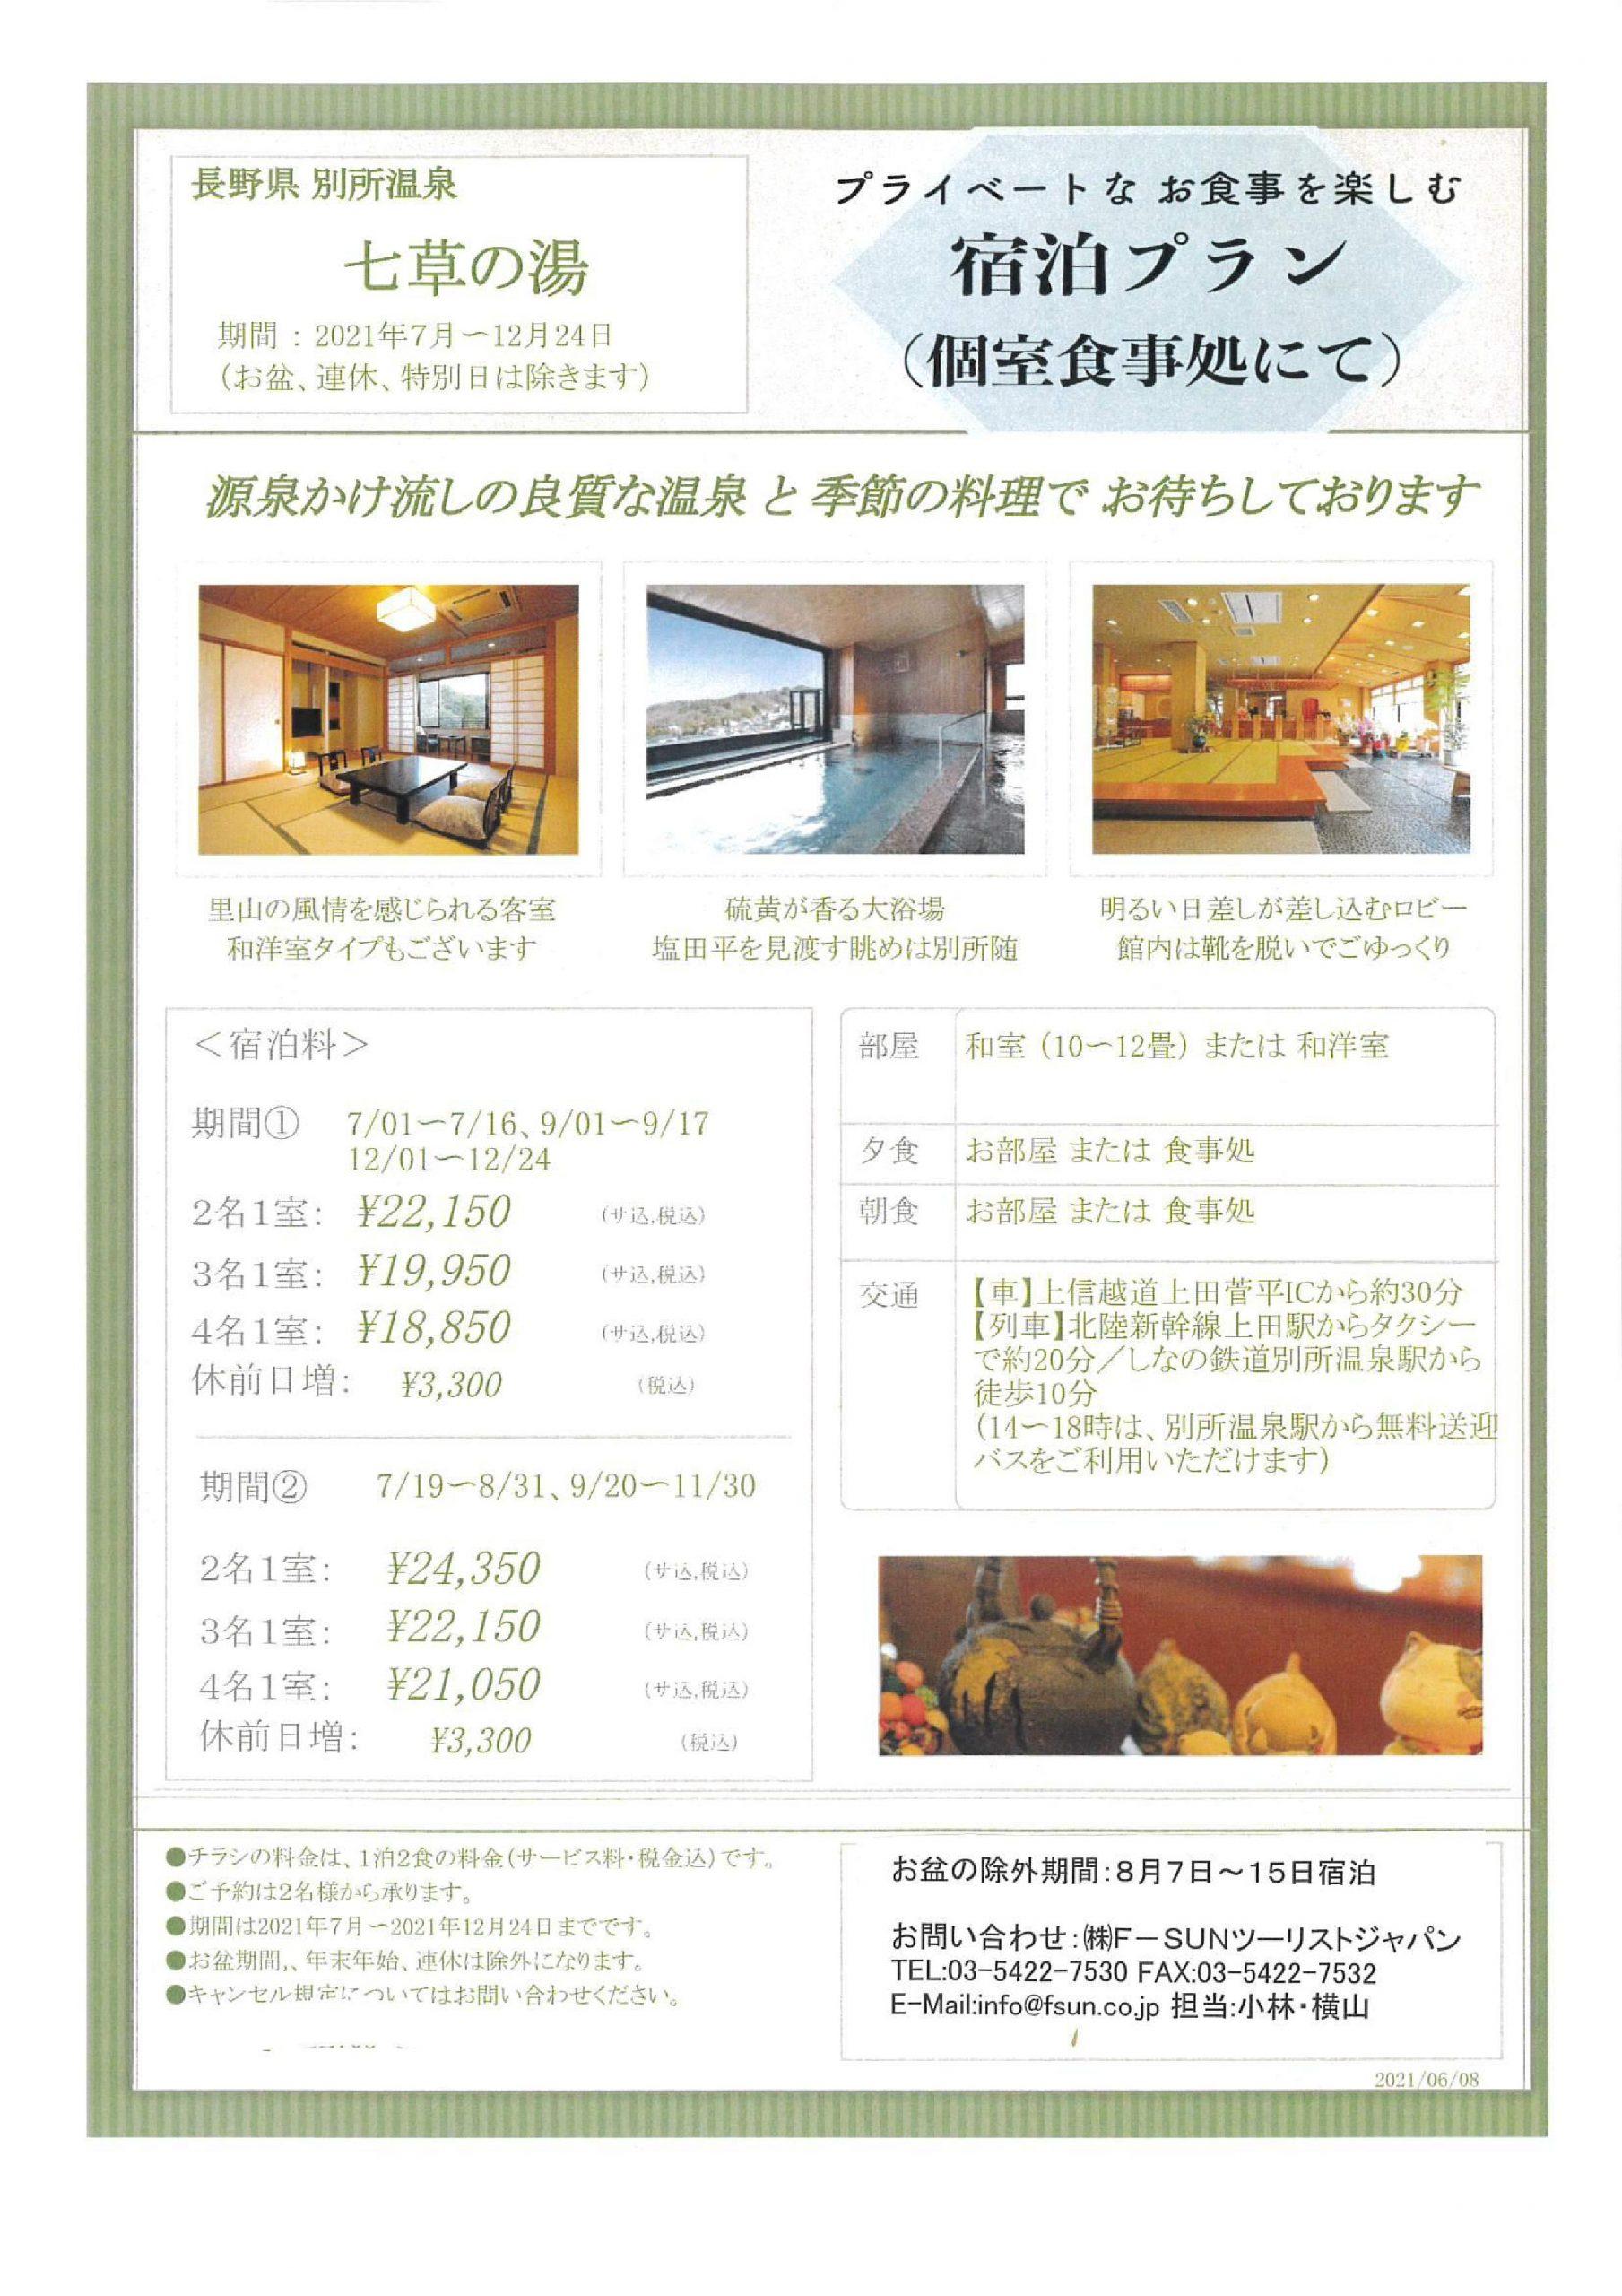 プライベートなお食事を楽しむ宿泊プラン(長野県別所温泉 七草の湯)